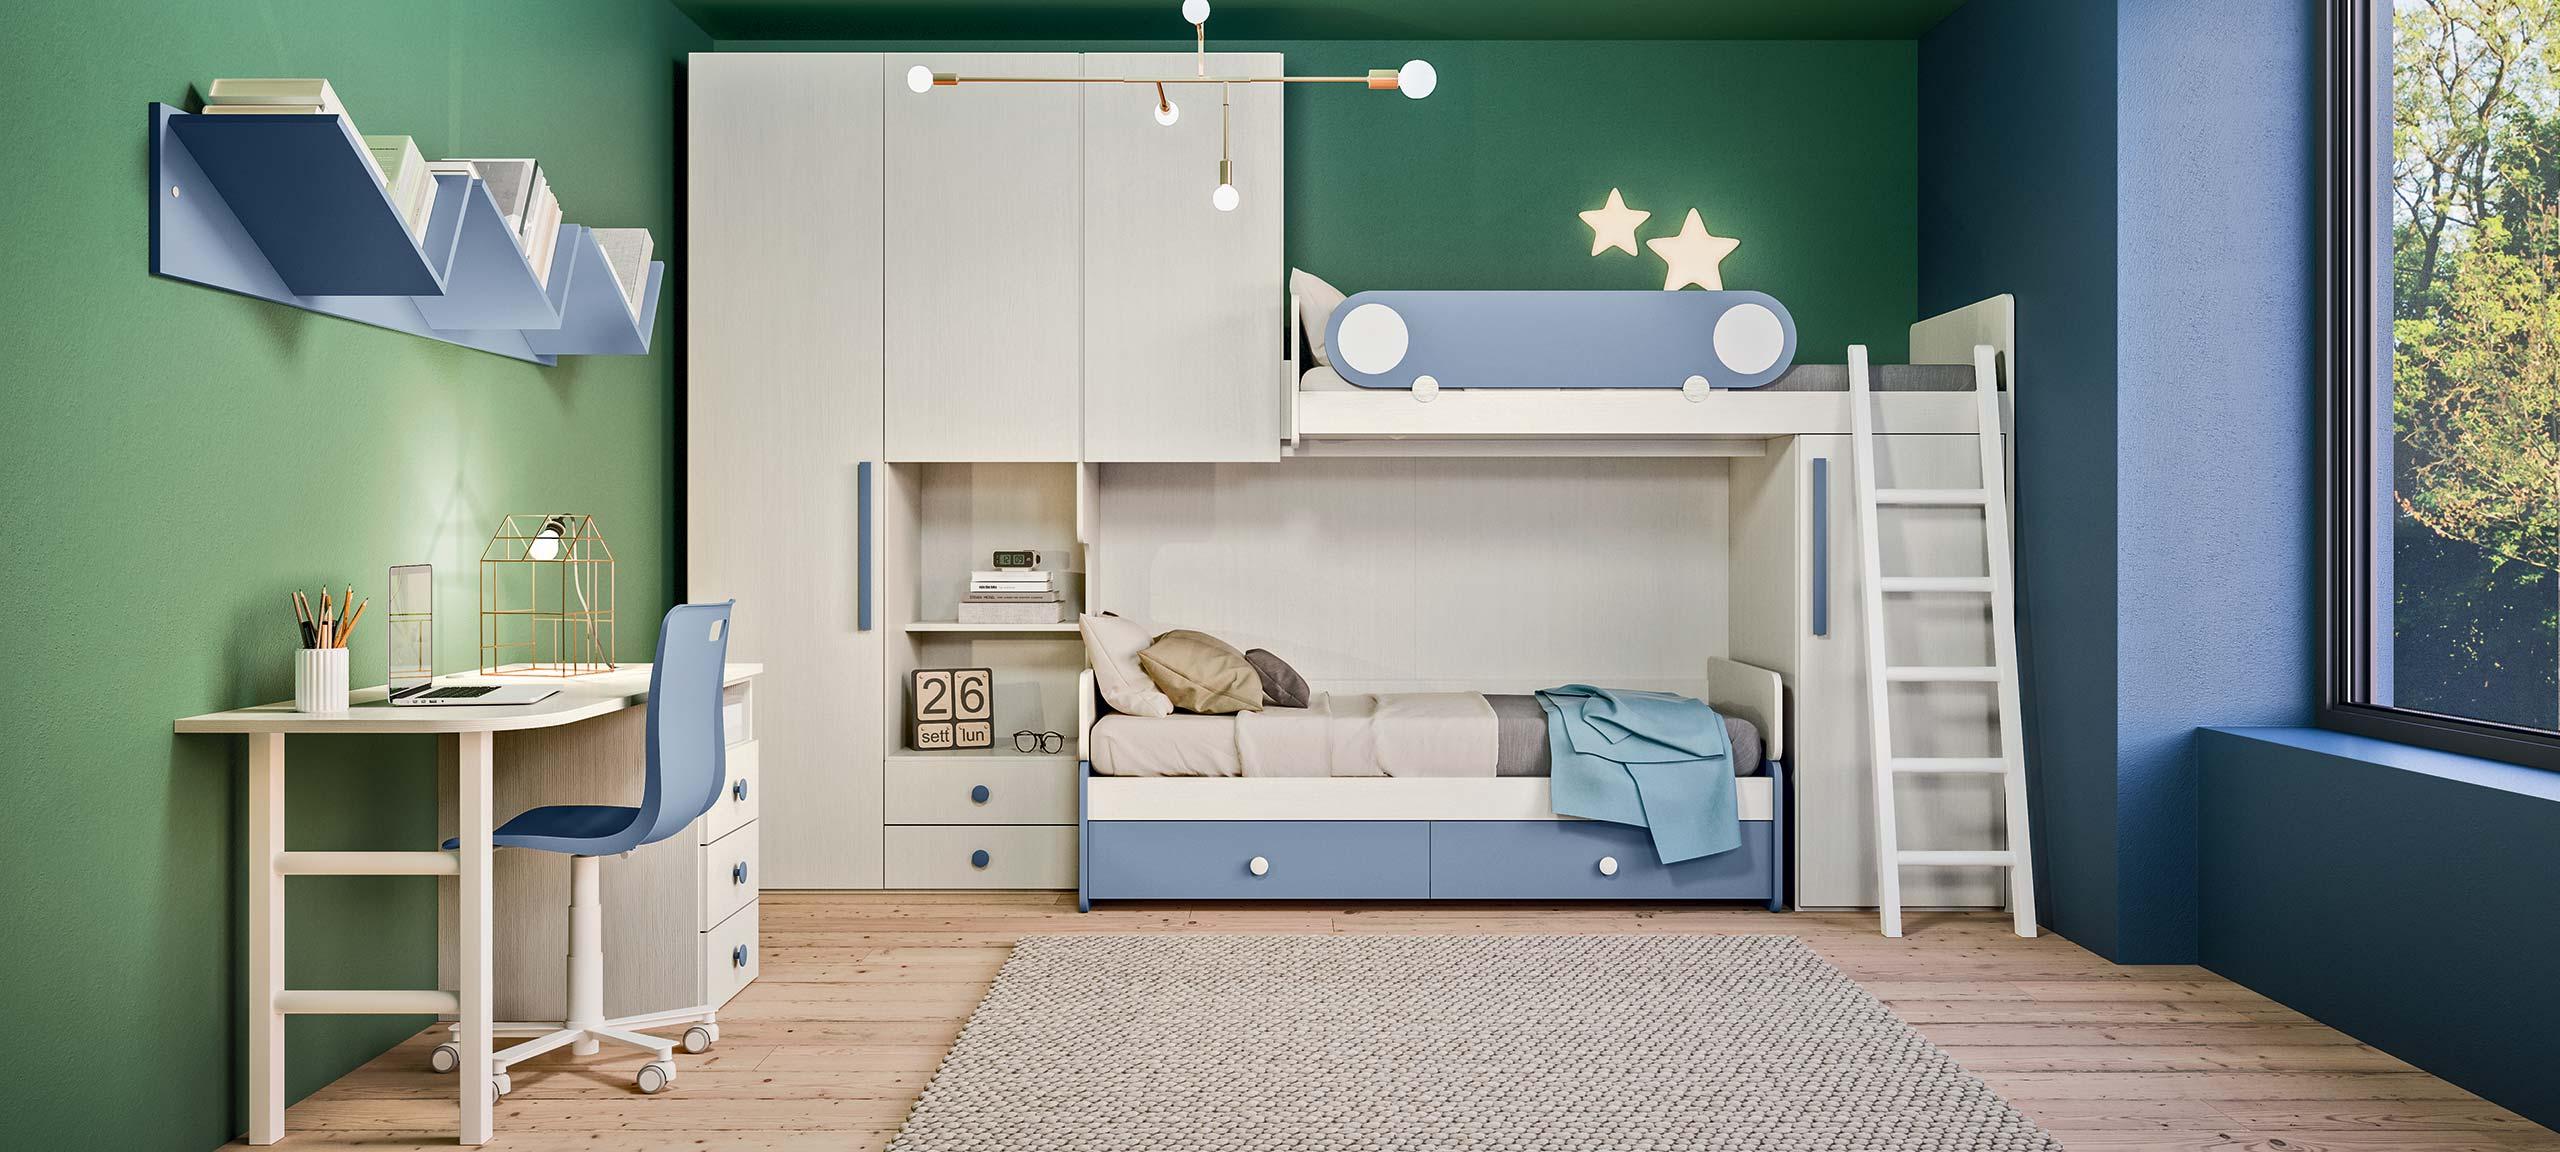 I Letti A Castello.Camerette Con Letti A Castello E Trasformabili Mab Home Furniture